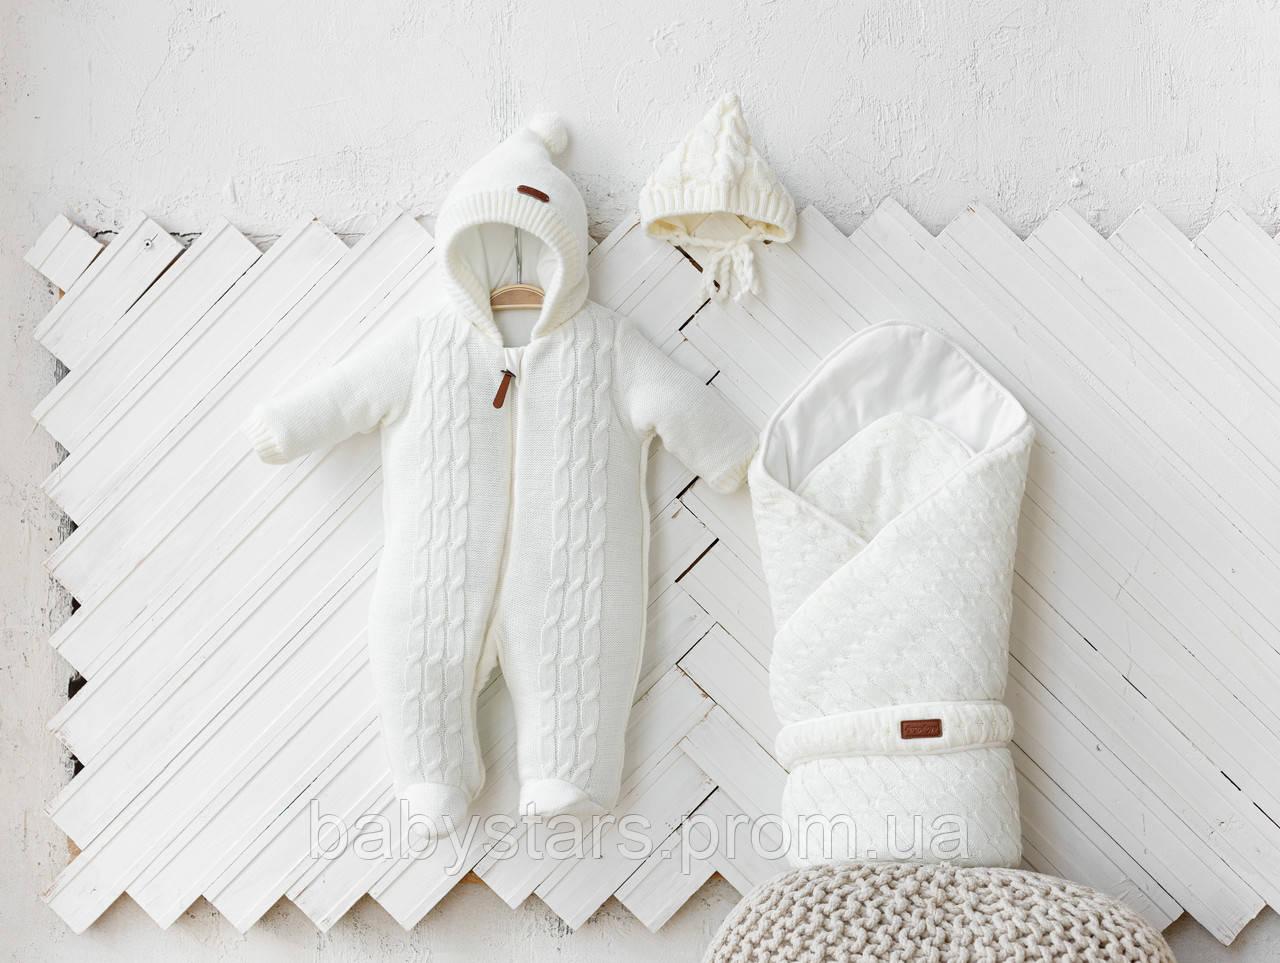 """Вязаный набор для новорожденных молочного цвета """"Tress+Косы"""": конверт + комбинезон + шапочка"""